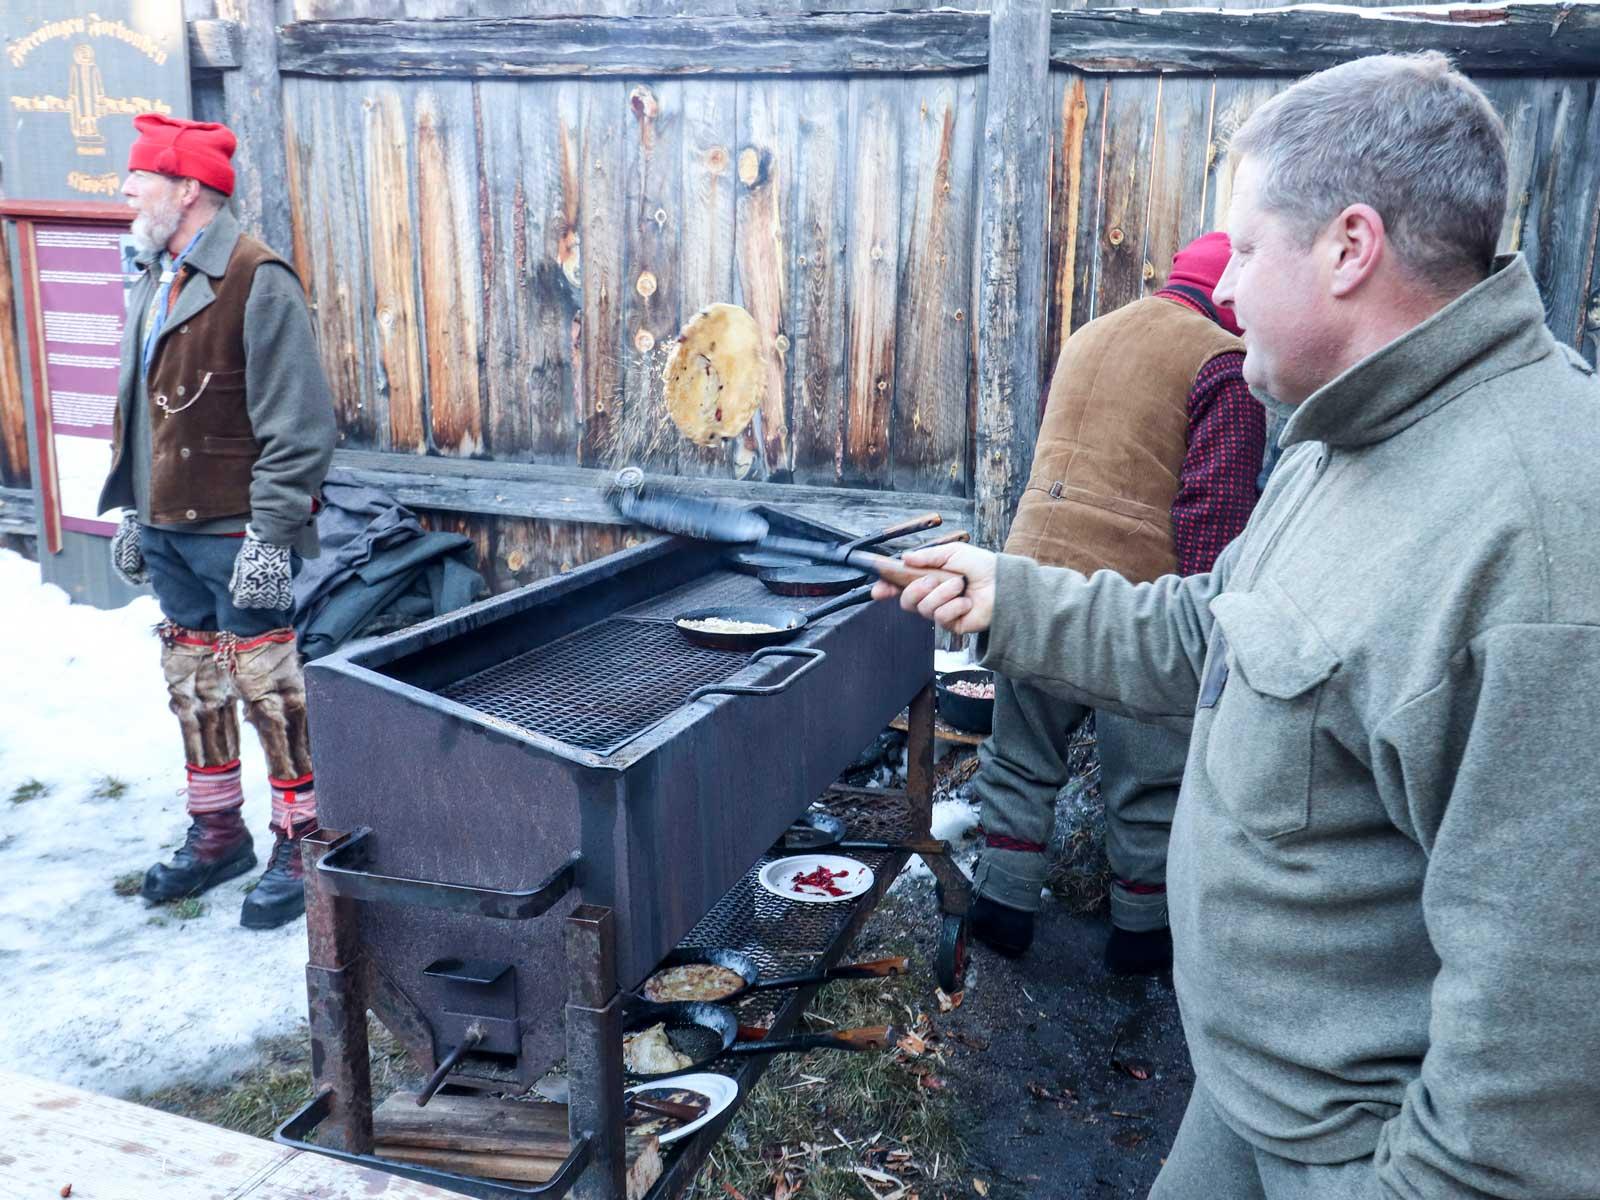 Kolbullar serveras till kaffe kokat på öppen eld.